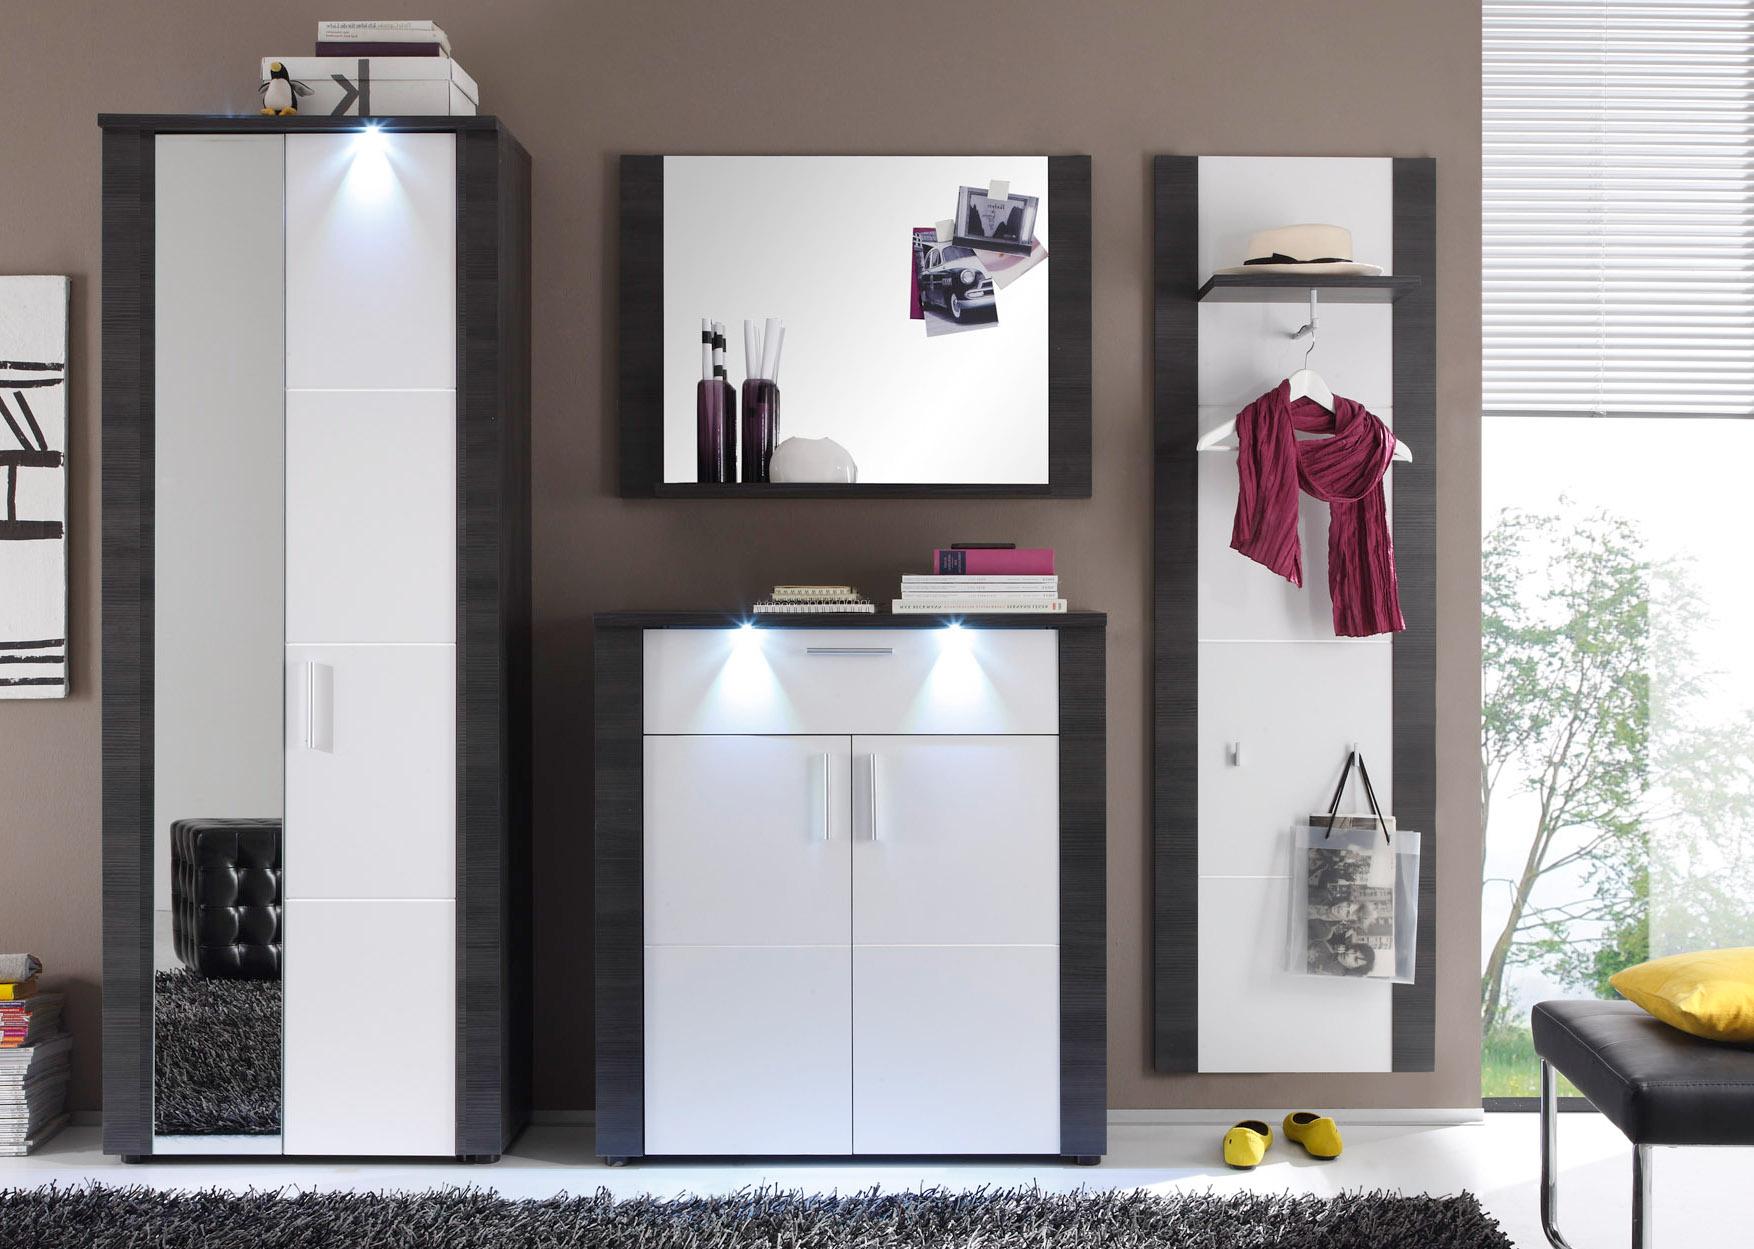 Garderobe Garderobenschrank Xpress Esche Grau Und Weiß 69 X 184 Cm Inkl Led Beleuchtung